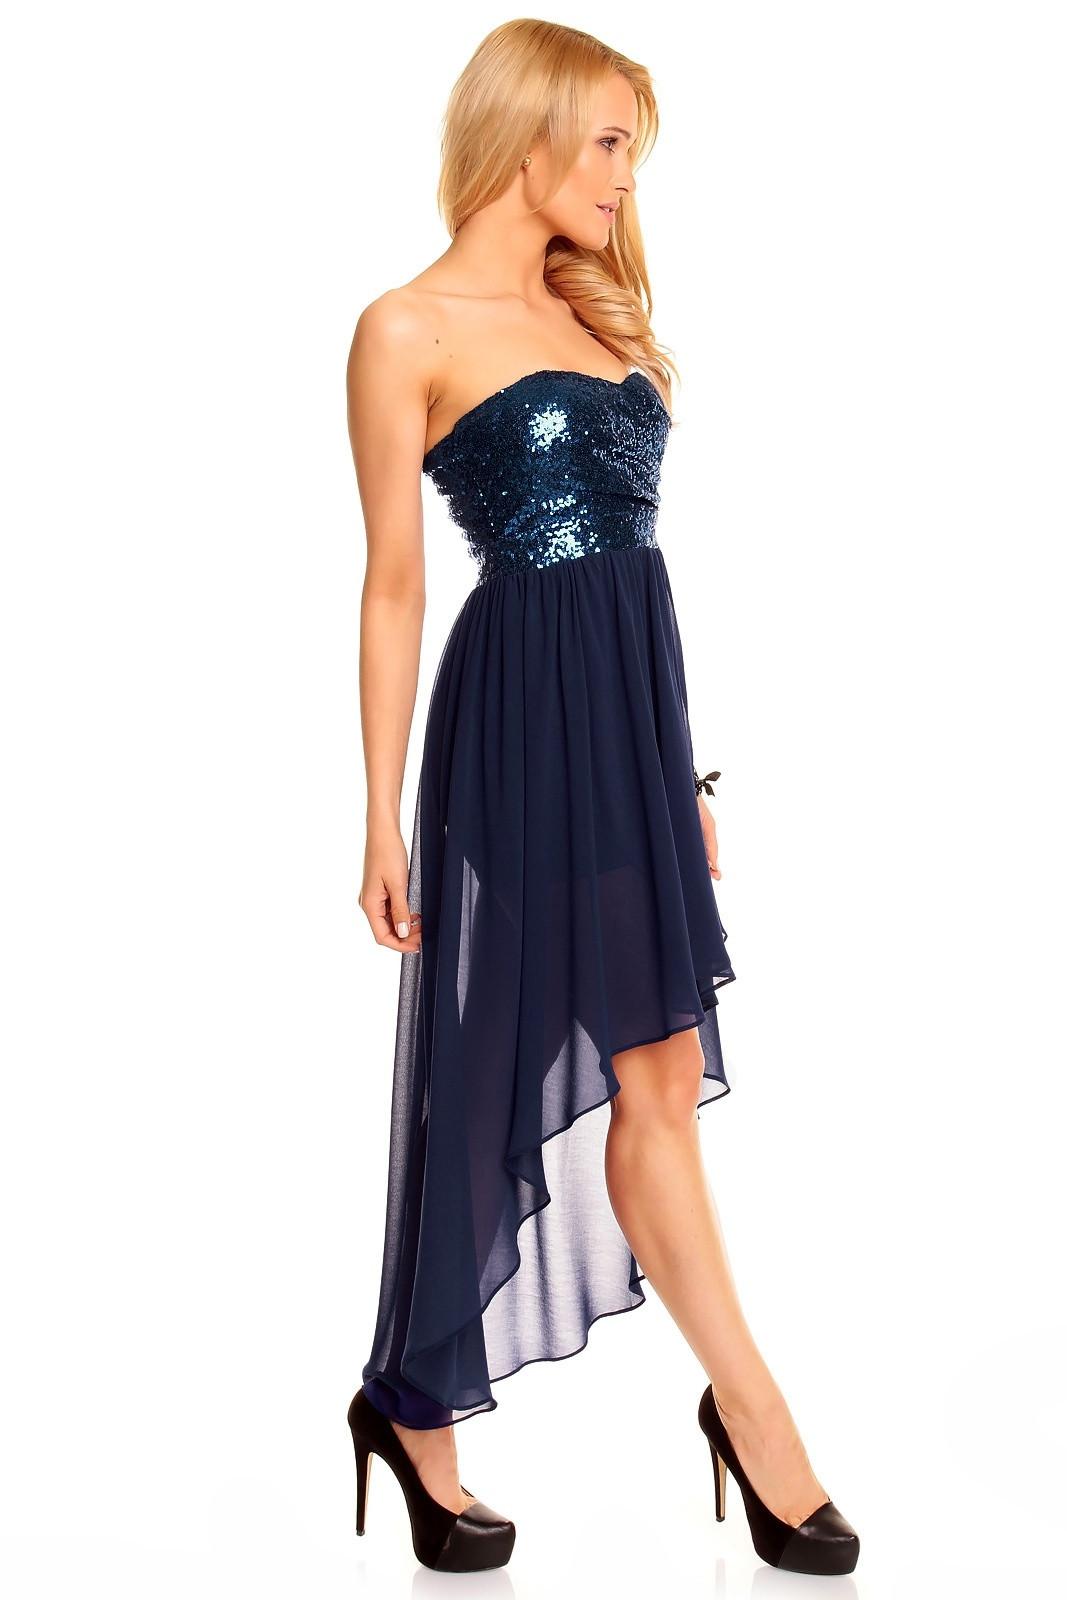 Dámské společenské šaty MAYAADI - HS-297_DARKBLUE - s asymetrickou sukní - Tm. modré L